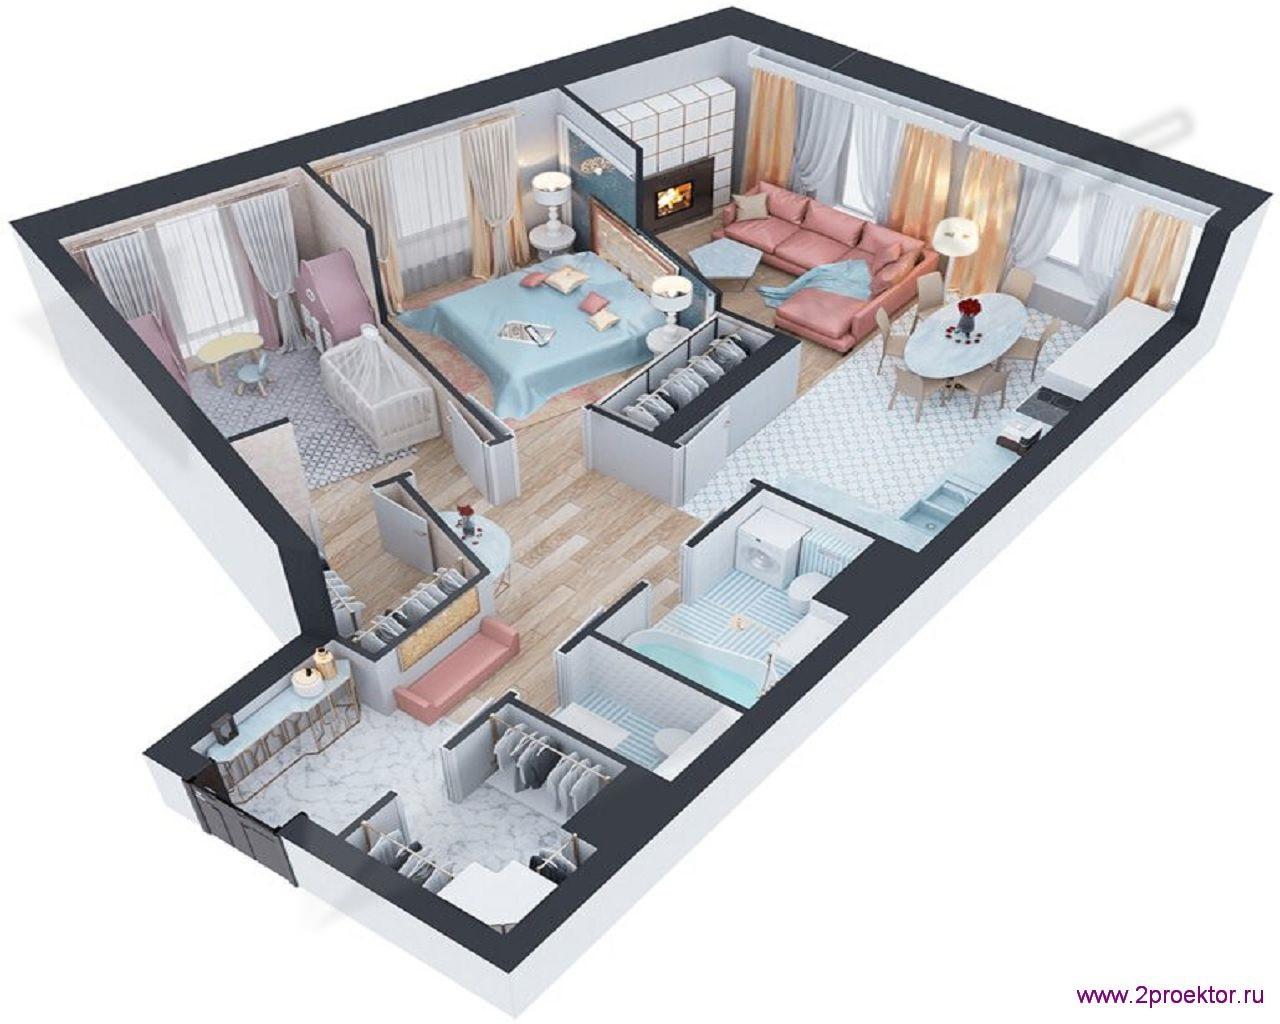 Типовой вариант планировки в спокойных тонах трехкомнатной квартиры в Жилом комплексе Невский.